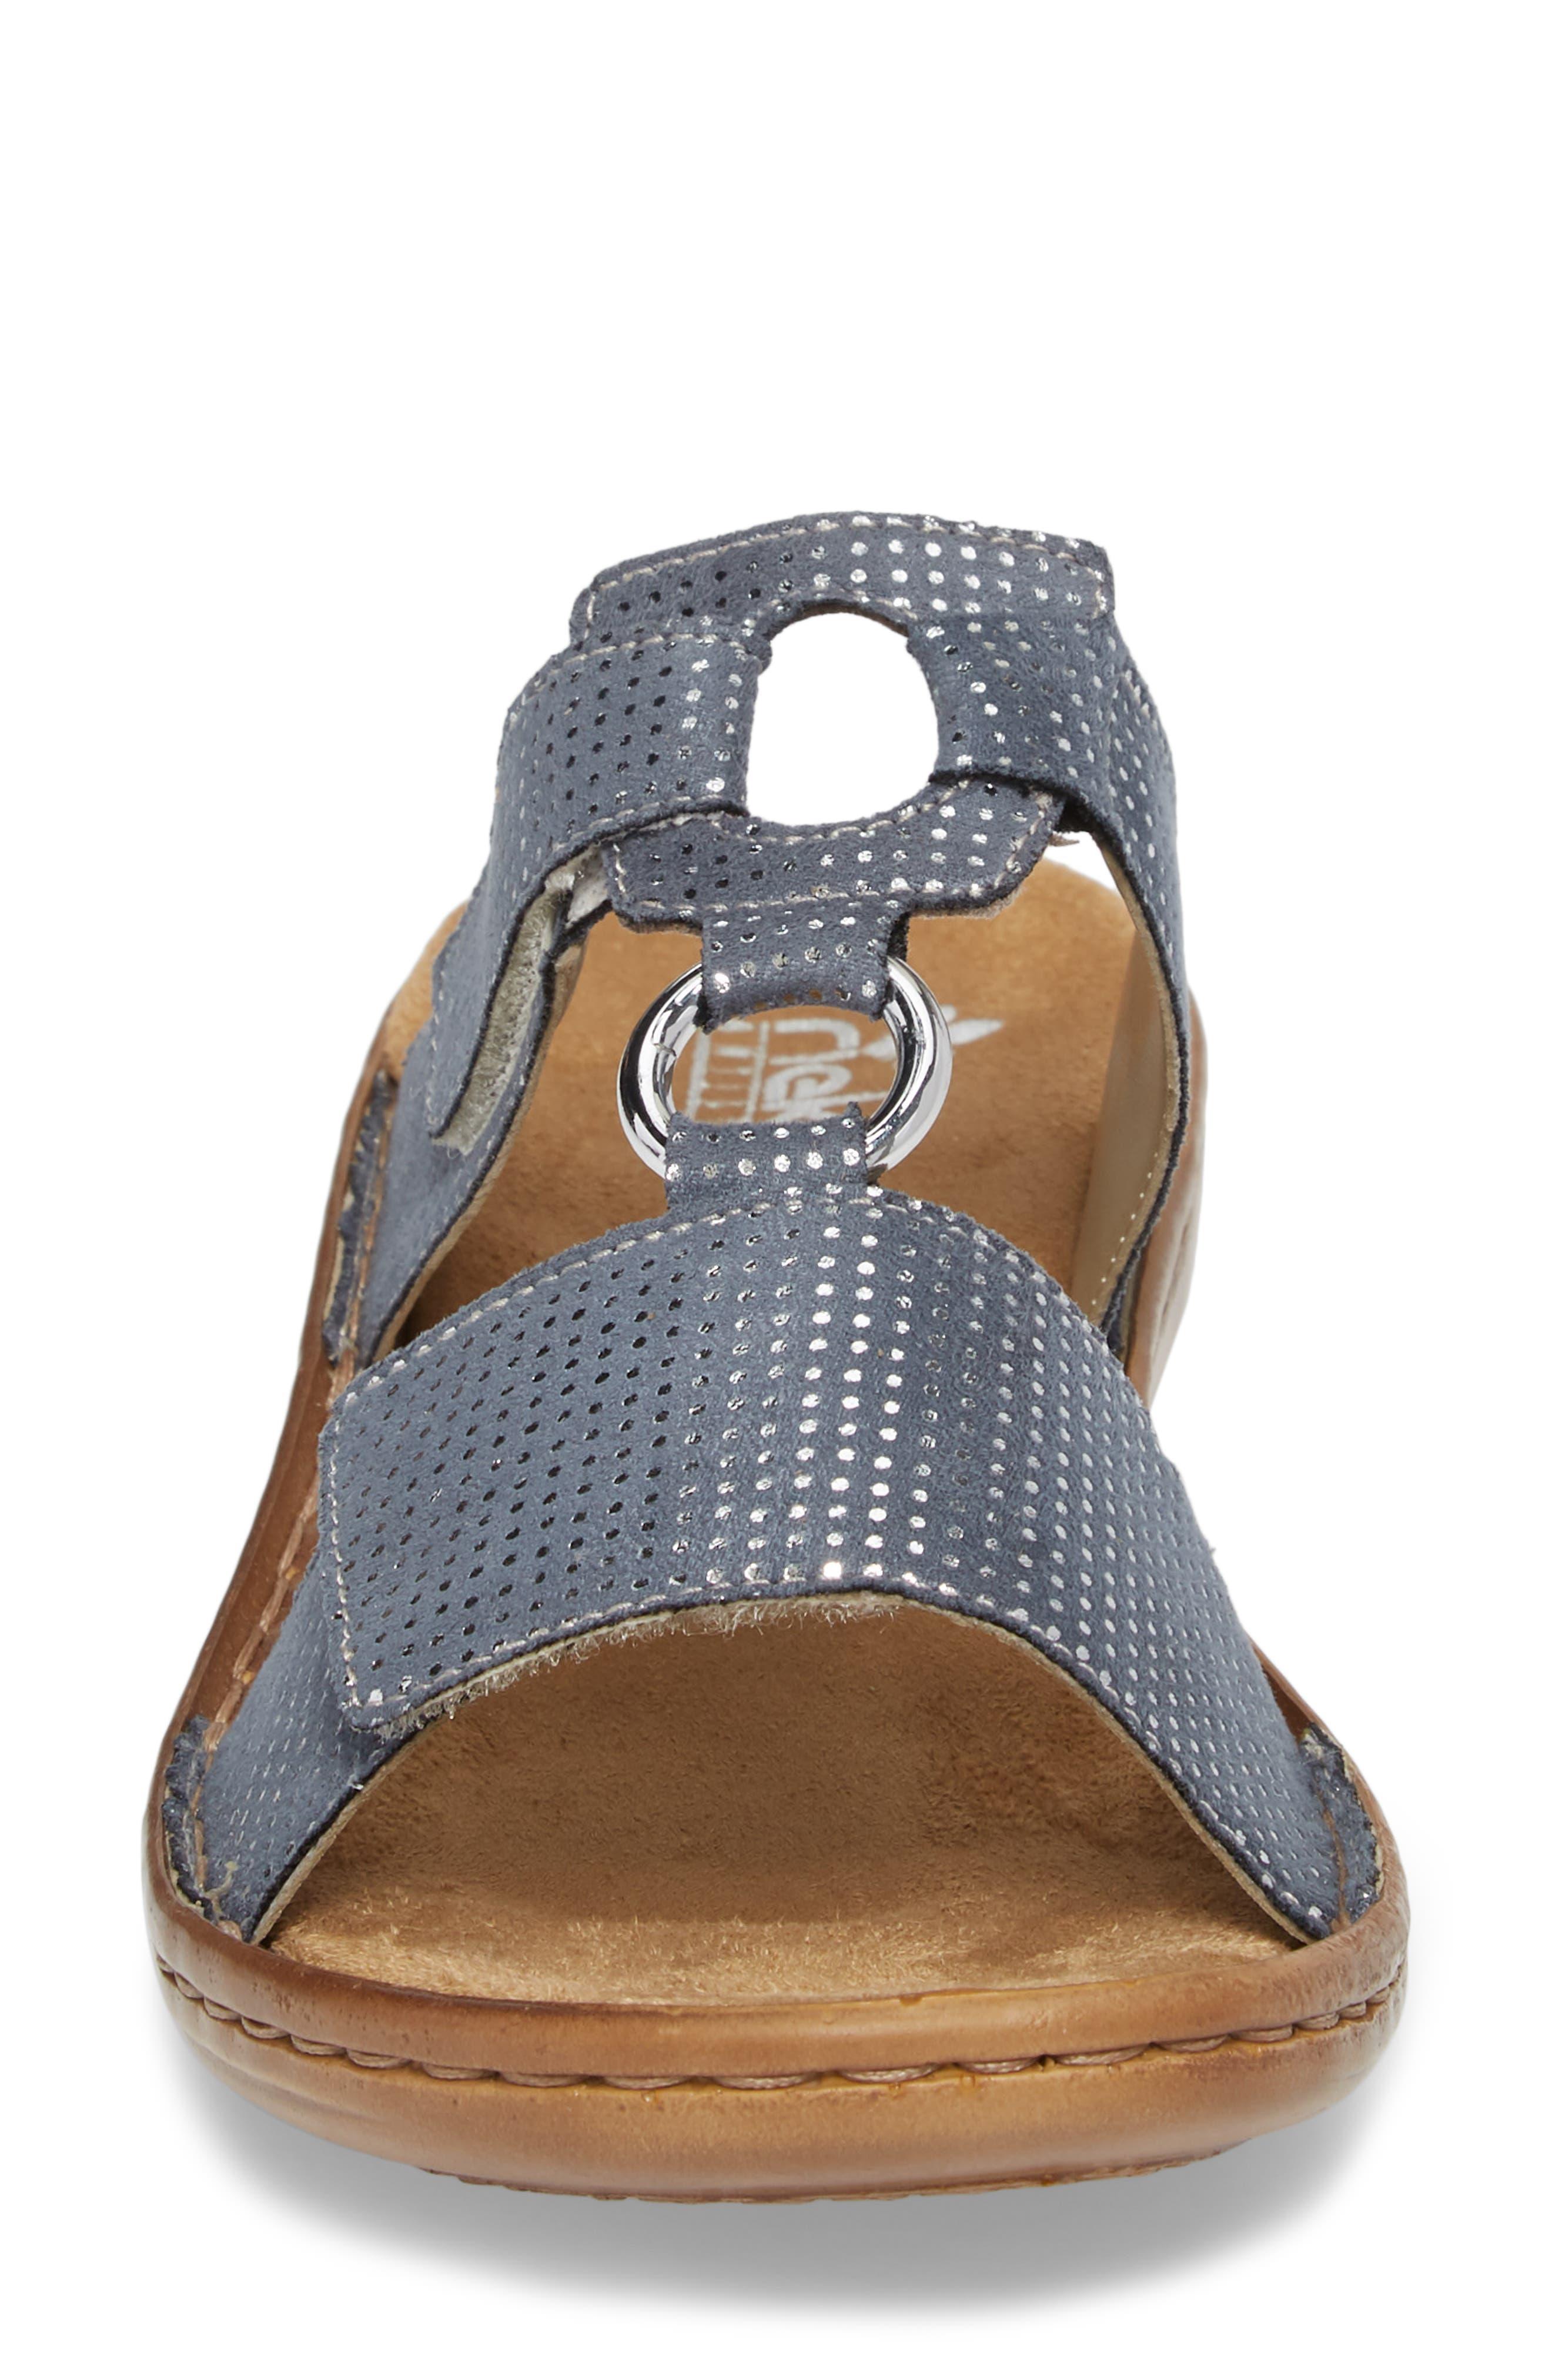 Regina P9 Slide Sandal,                             Alternate thumbnail 4, color,                             White Denim Fabric